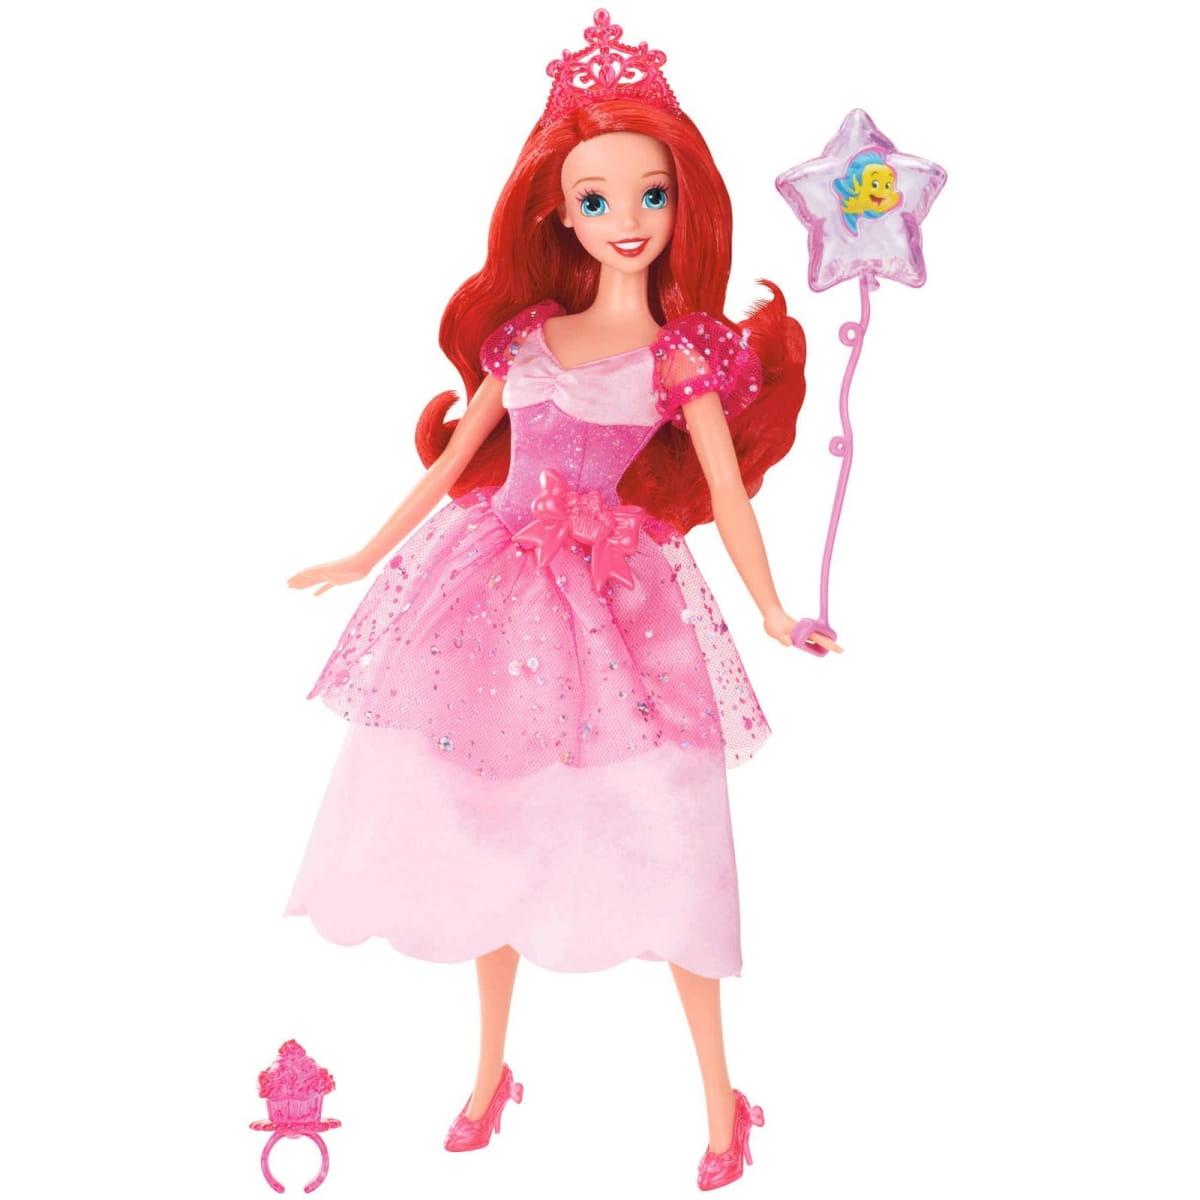 Кукла Disney Princess X9353 Принцесса Диснея Ариэль с воздушным шариком и аксессуарами (Mattel)